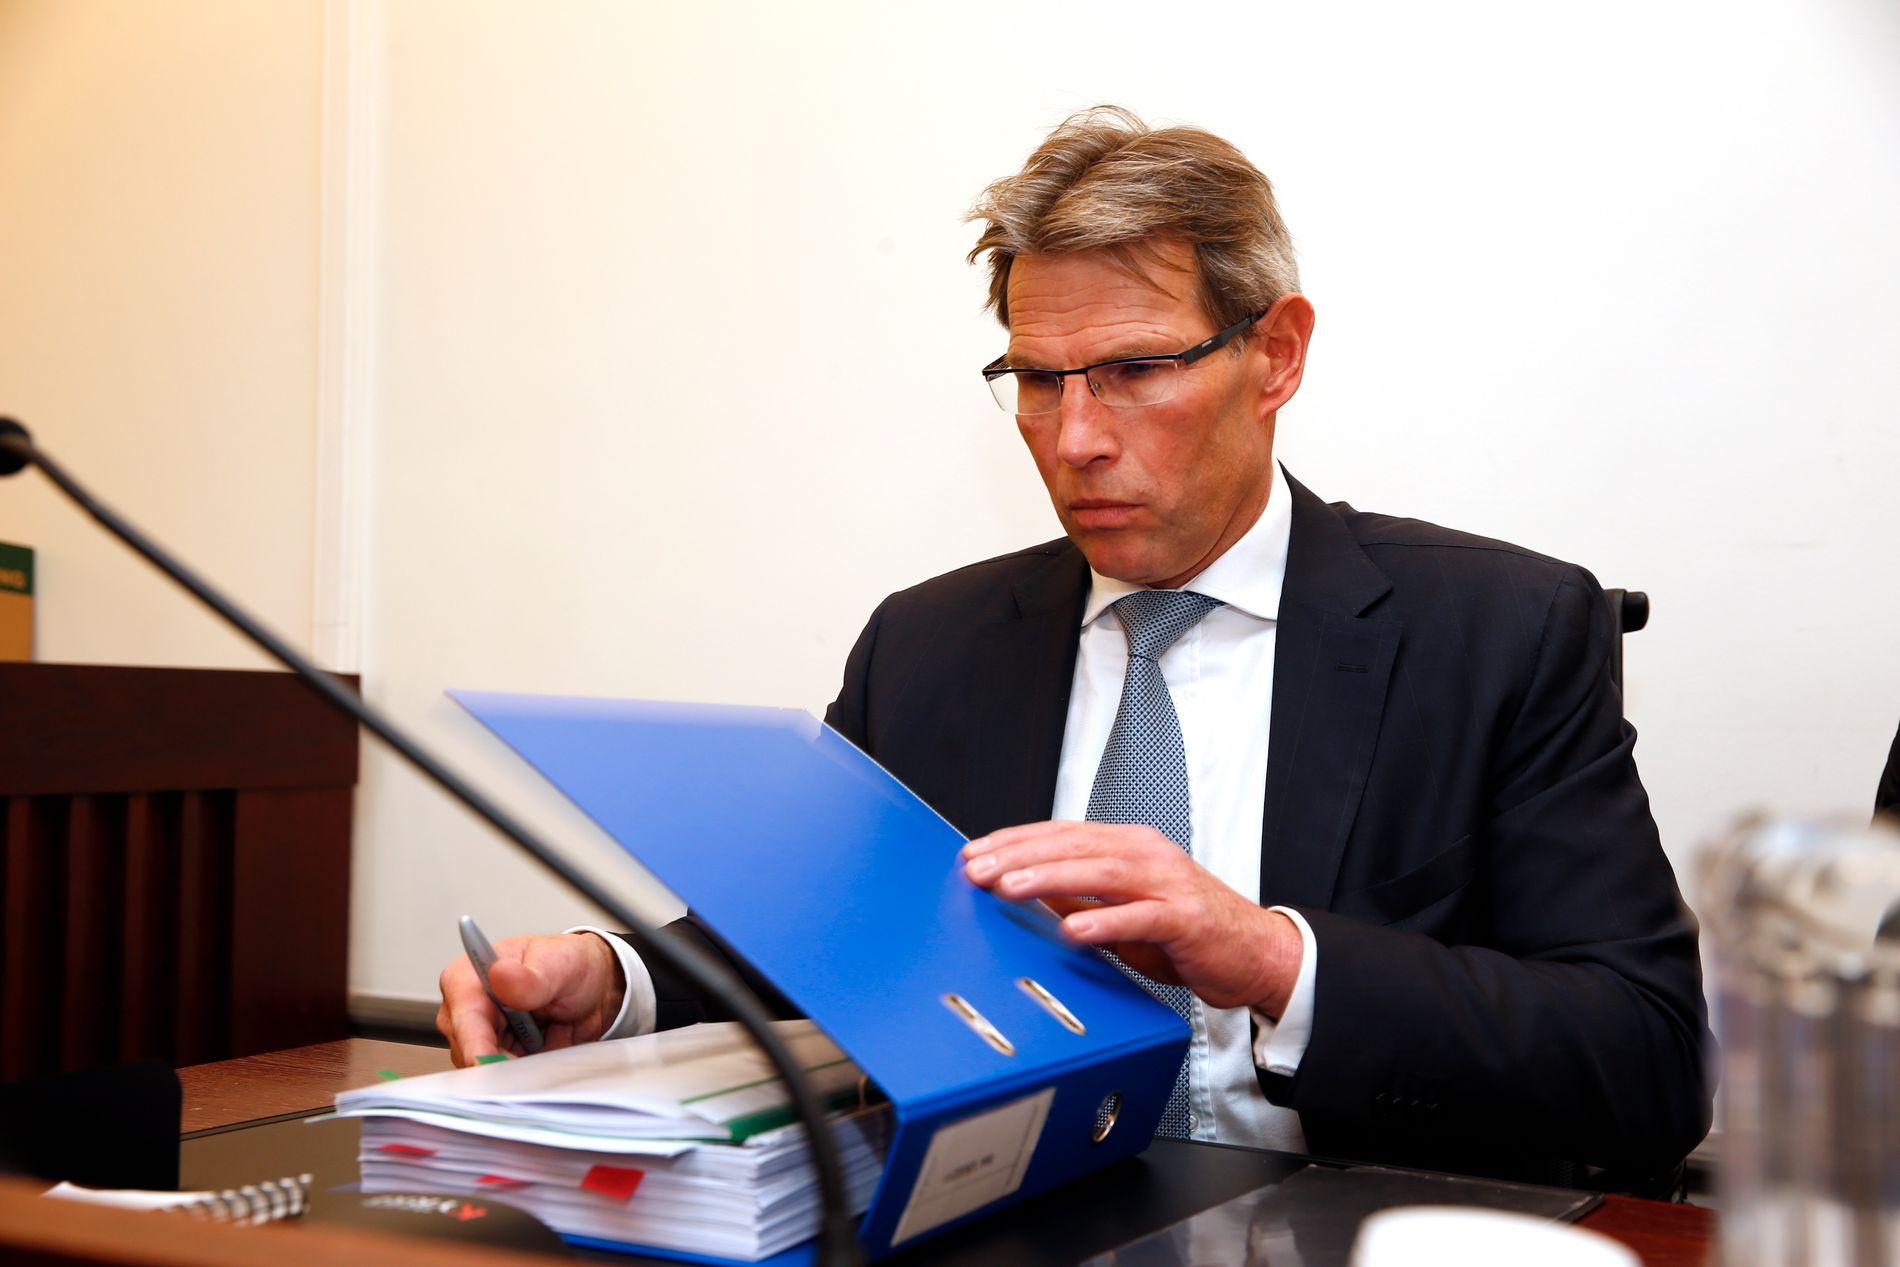 BA OM ETTERFORSKNING:  - Ansatte i politiet har krav på samme rettsvern som alle andre personer, sier advokat Einar Drægebø.